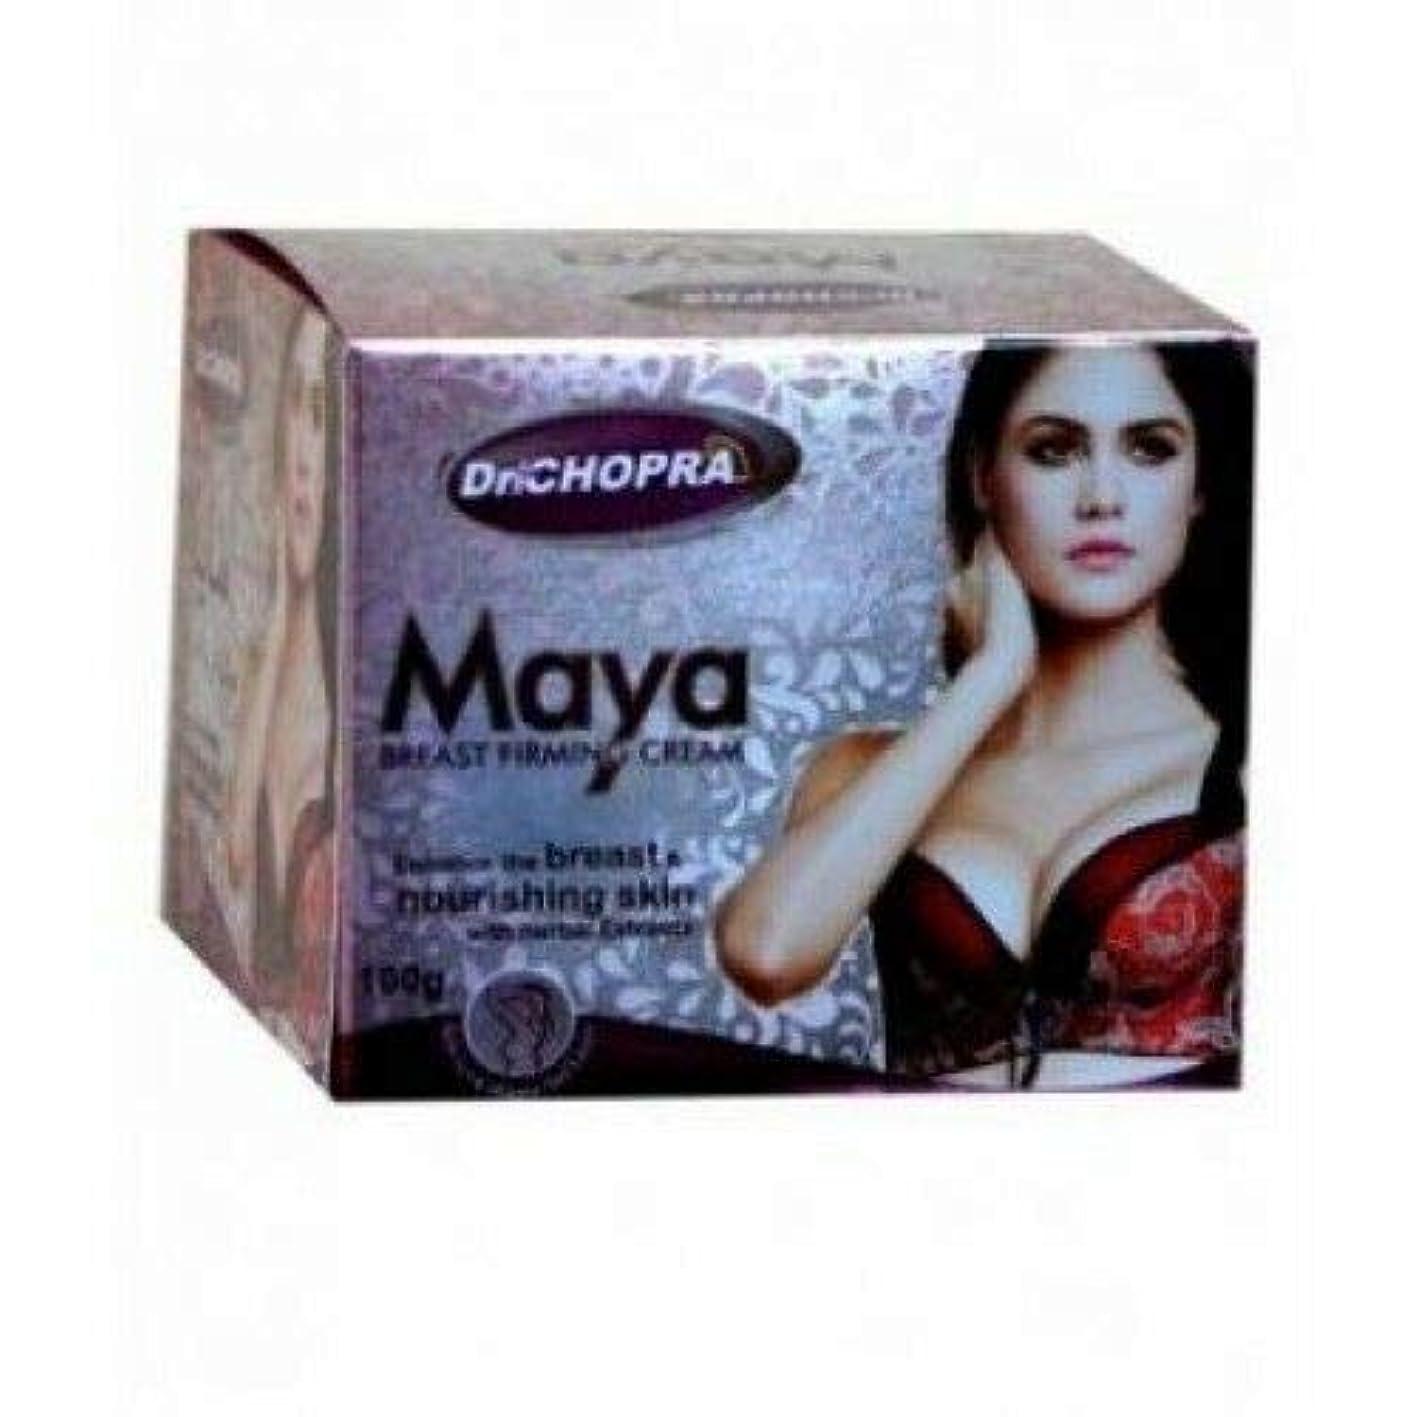 看板損失機動Breast Firming Cream 100g Enhance Breast & Nourishing Skin Herbal Extracts 胸の引き締めクリームは、胸と栄養肌のハーブエキスを強化します。